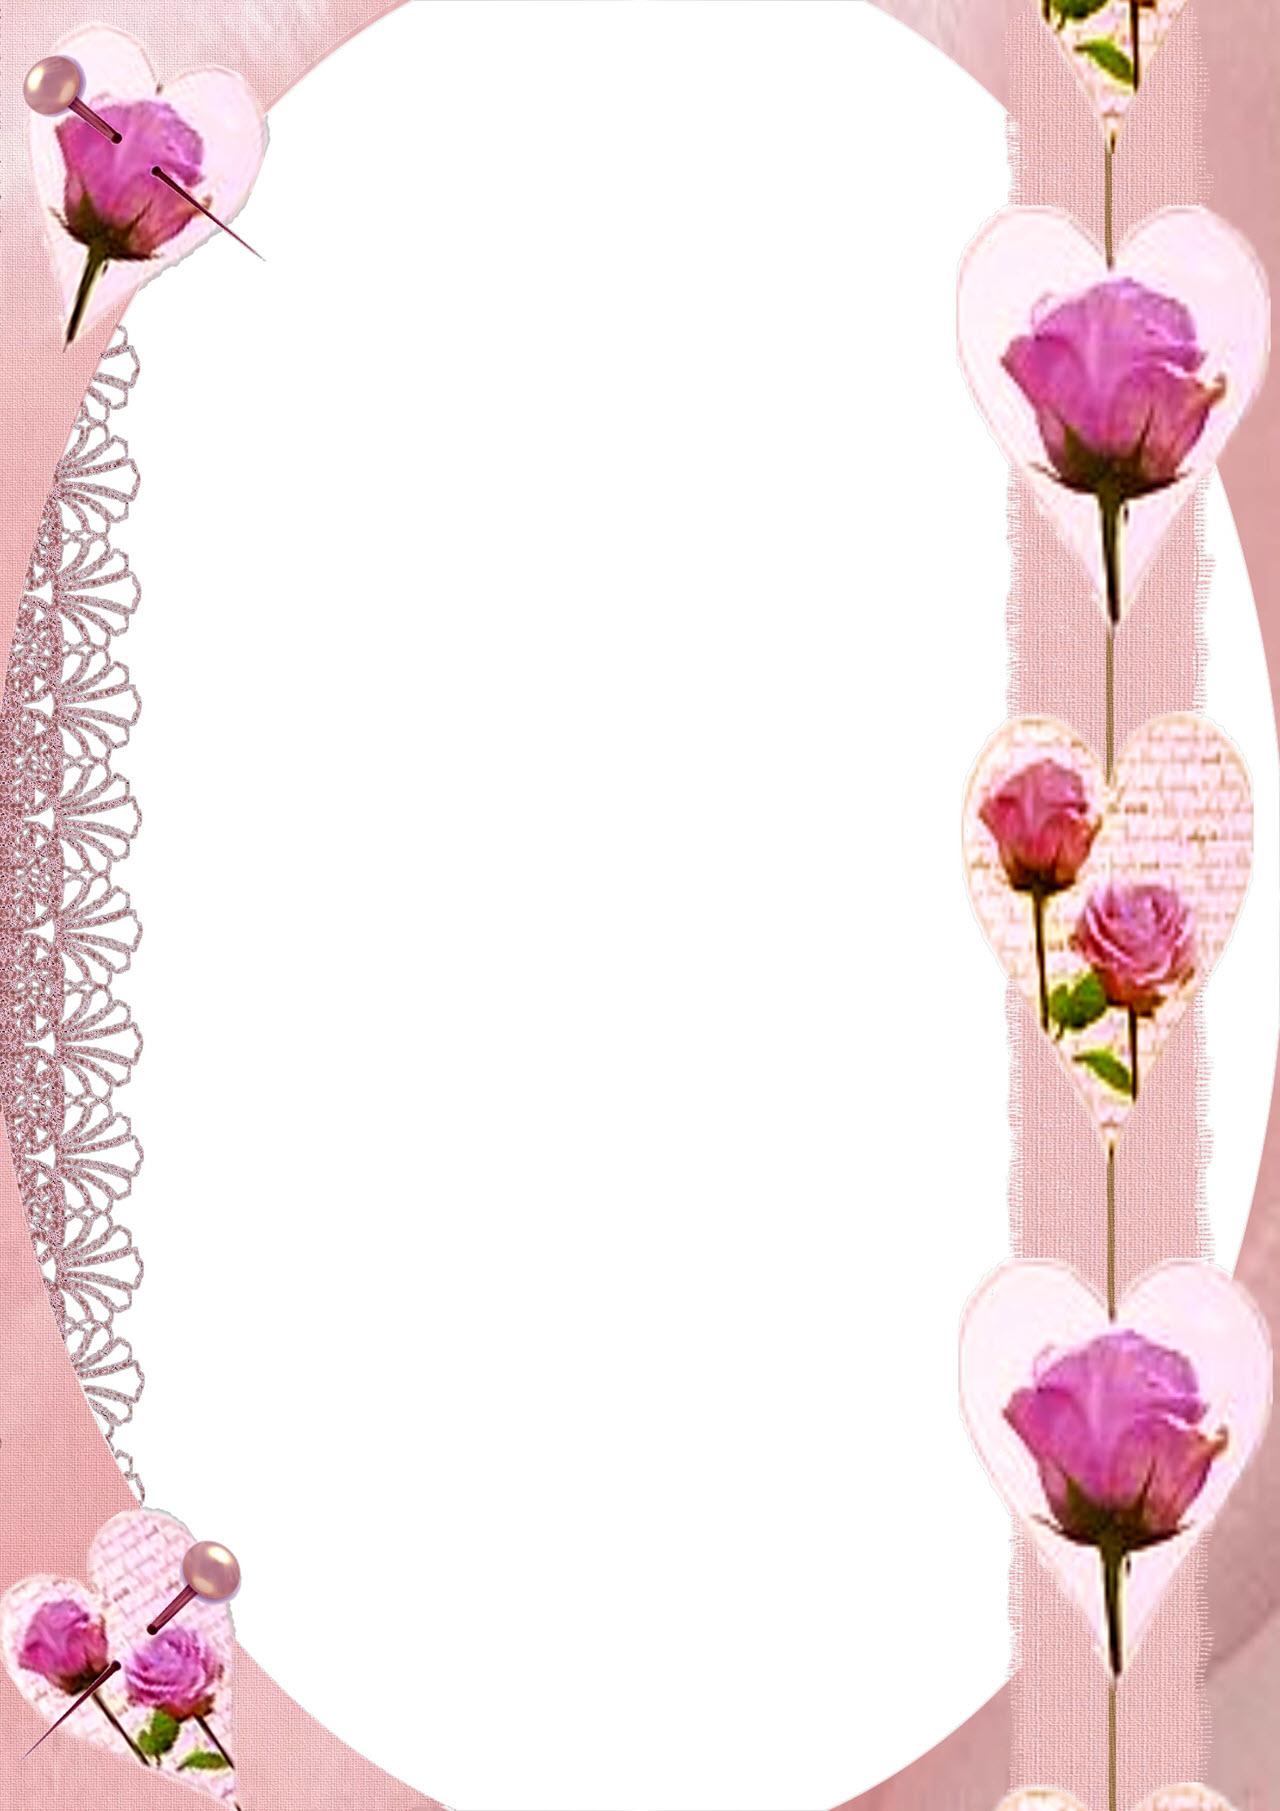 Khung ảnh hoa hồng đẹp